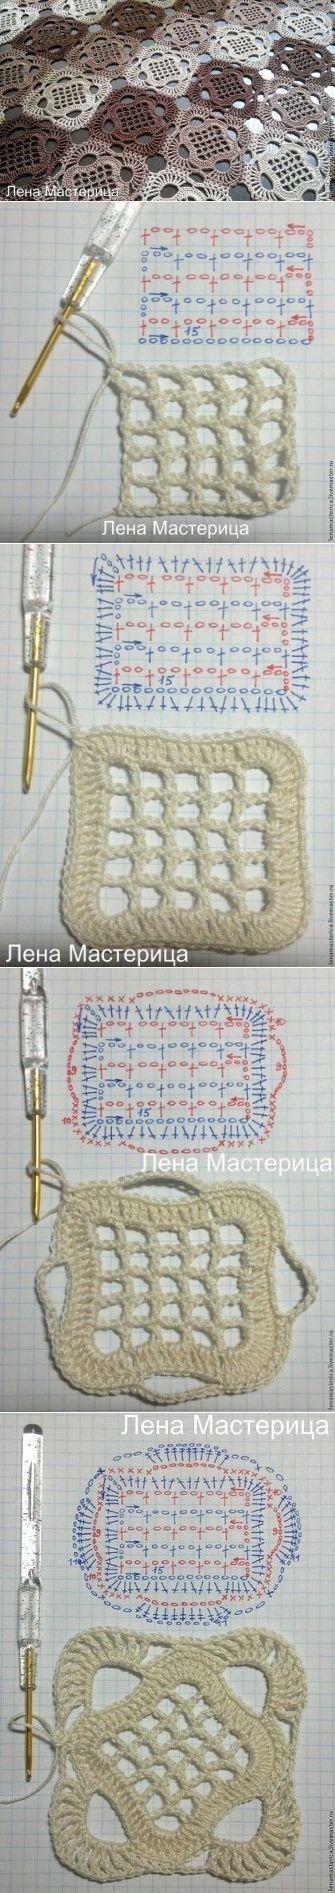 84 best Grannys images on Pinterest | Crochet patterns, Crochet ...